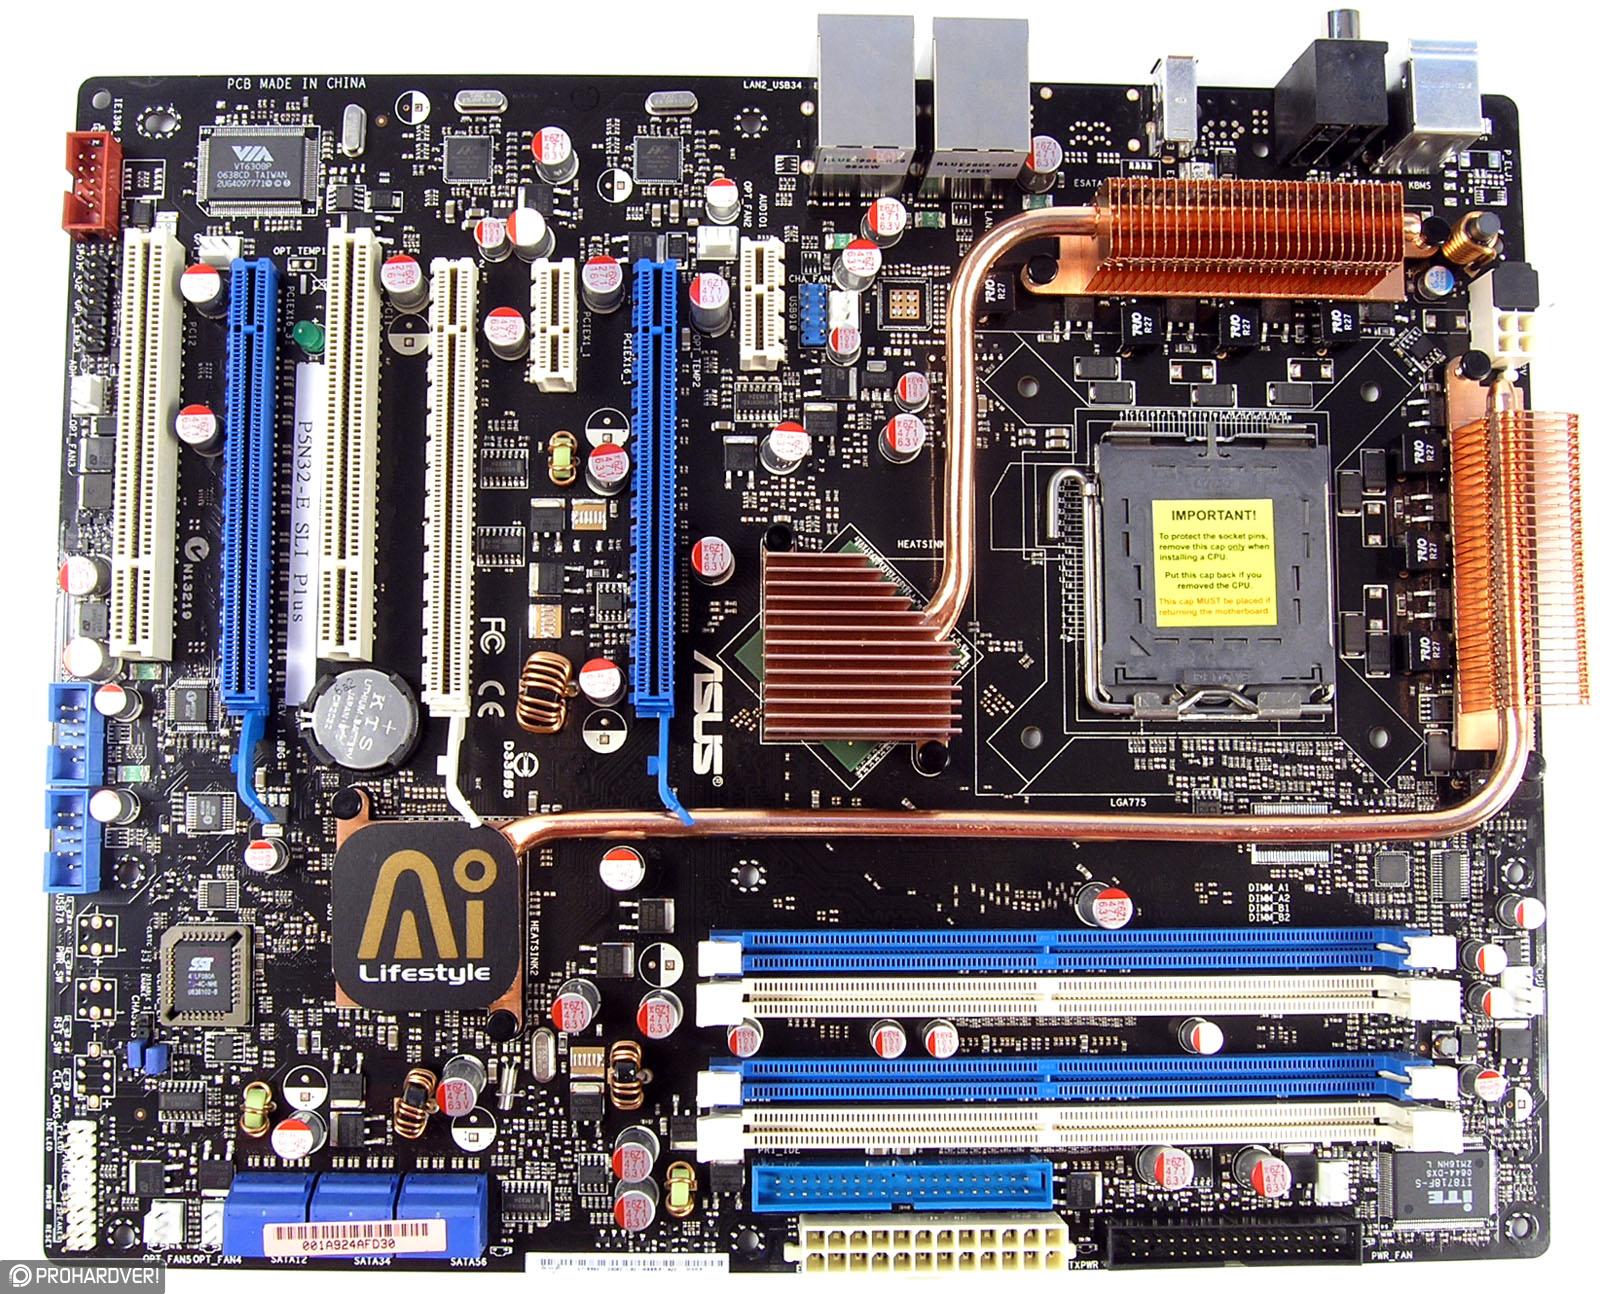 ASUS P5N32-E SLI SOUNDMAX AUDIO 64 BIT DRIVER